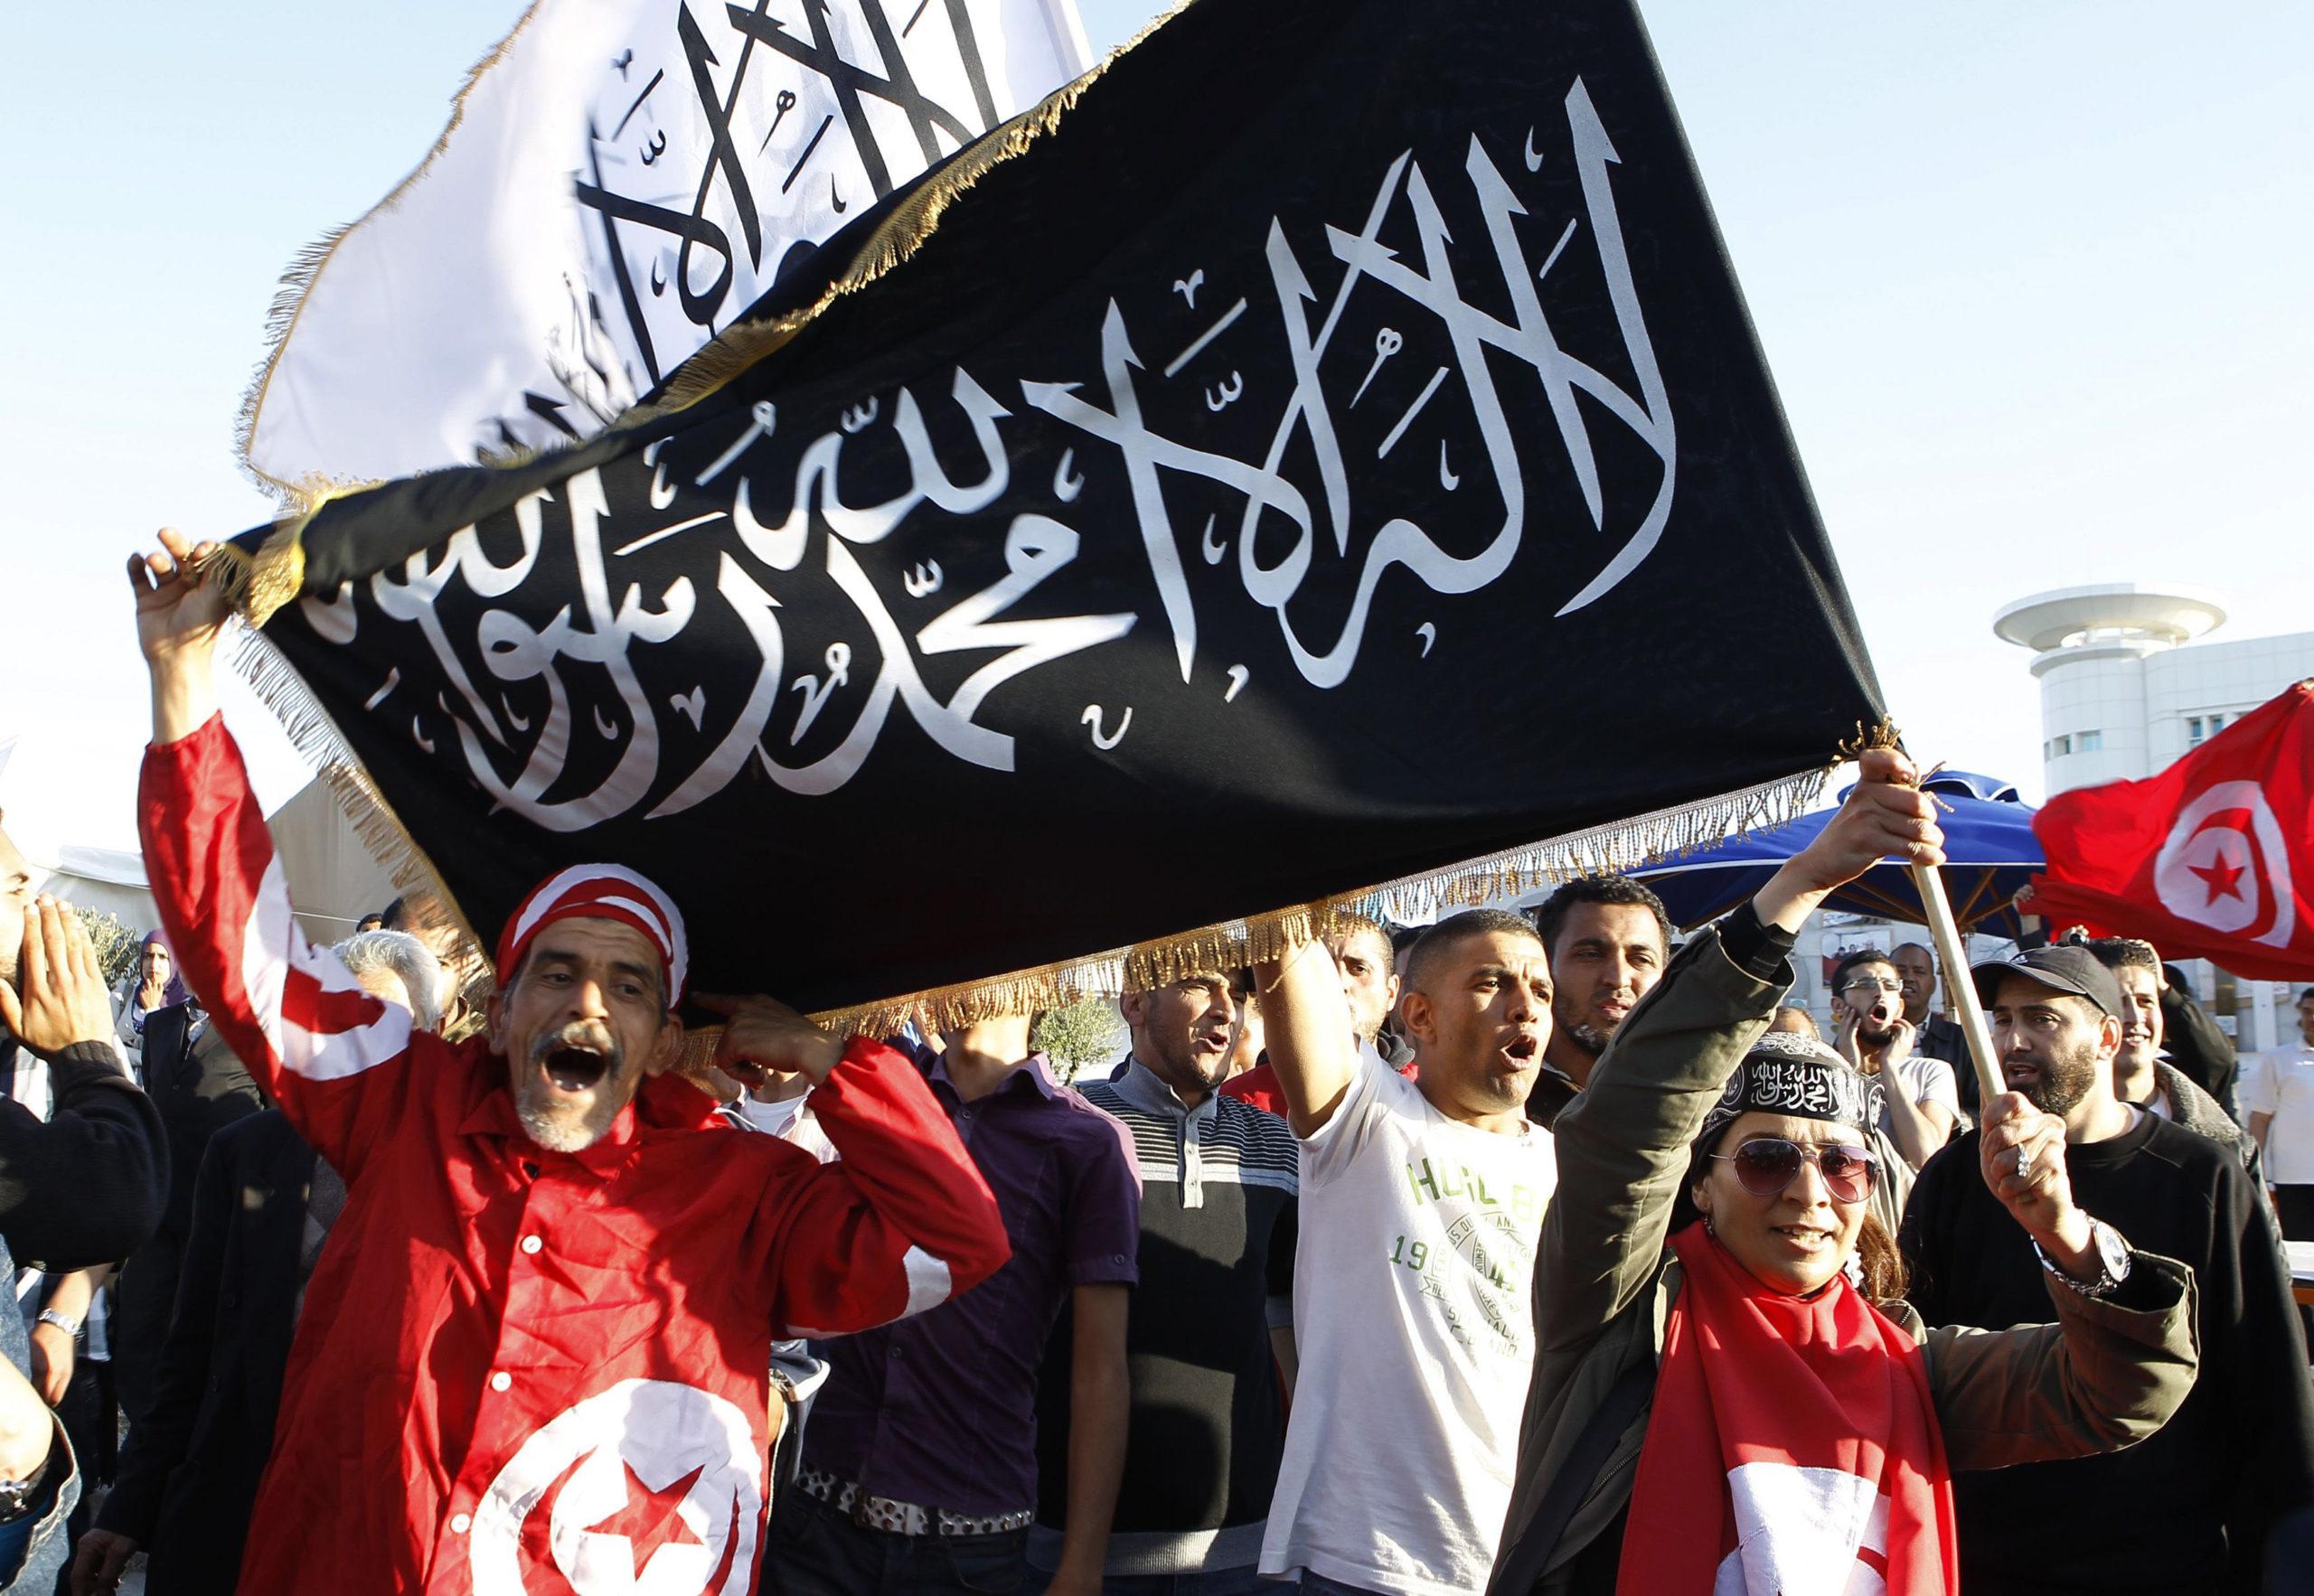 Are Islam & Democracy Compatible? – The Case of Tunisia